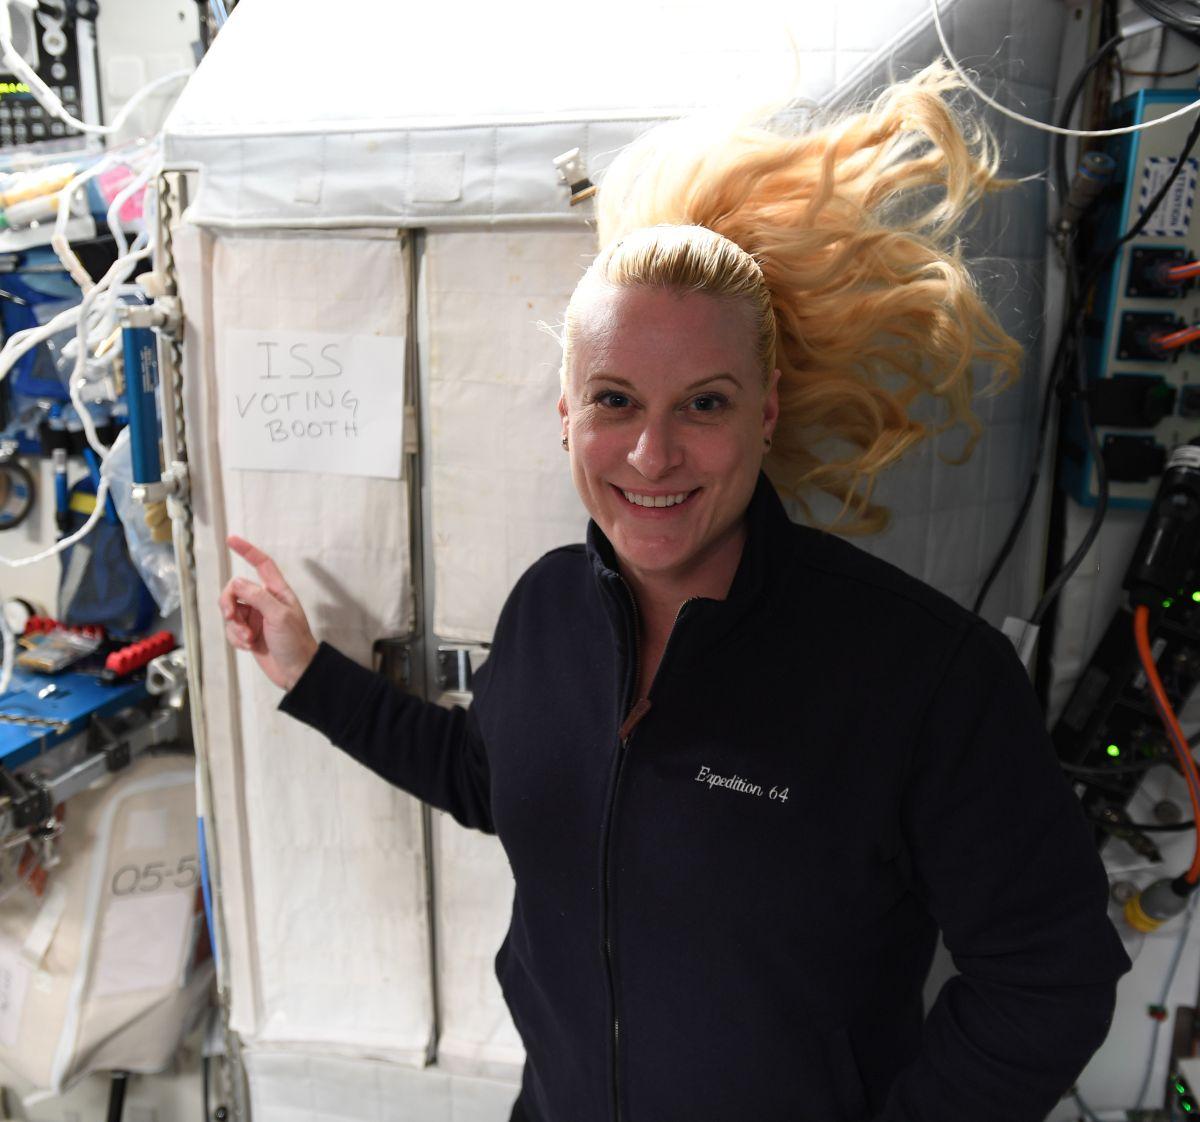 L'astronaute Kate Rubins a voté par anticipation depuis l'ISS — Présidentielle américaine